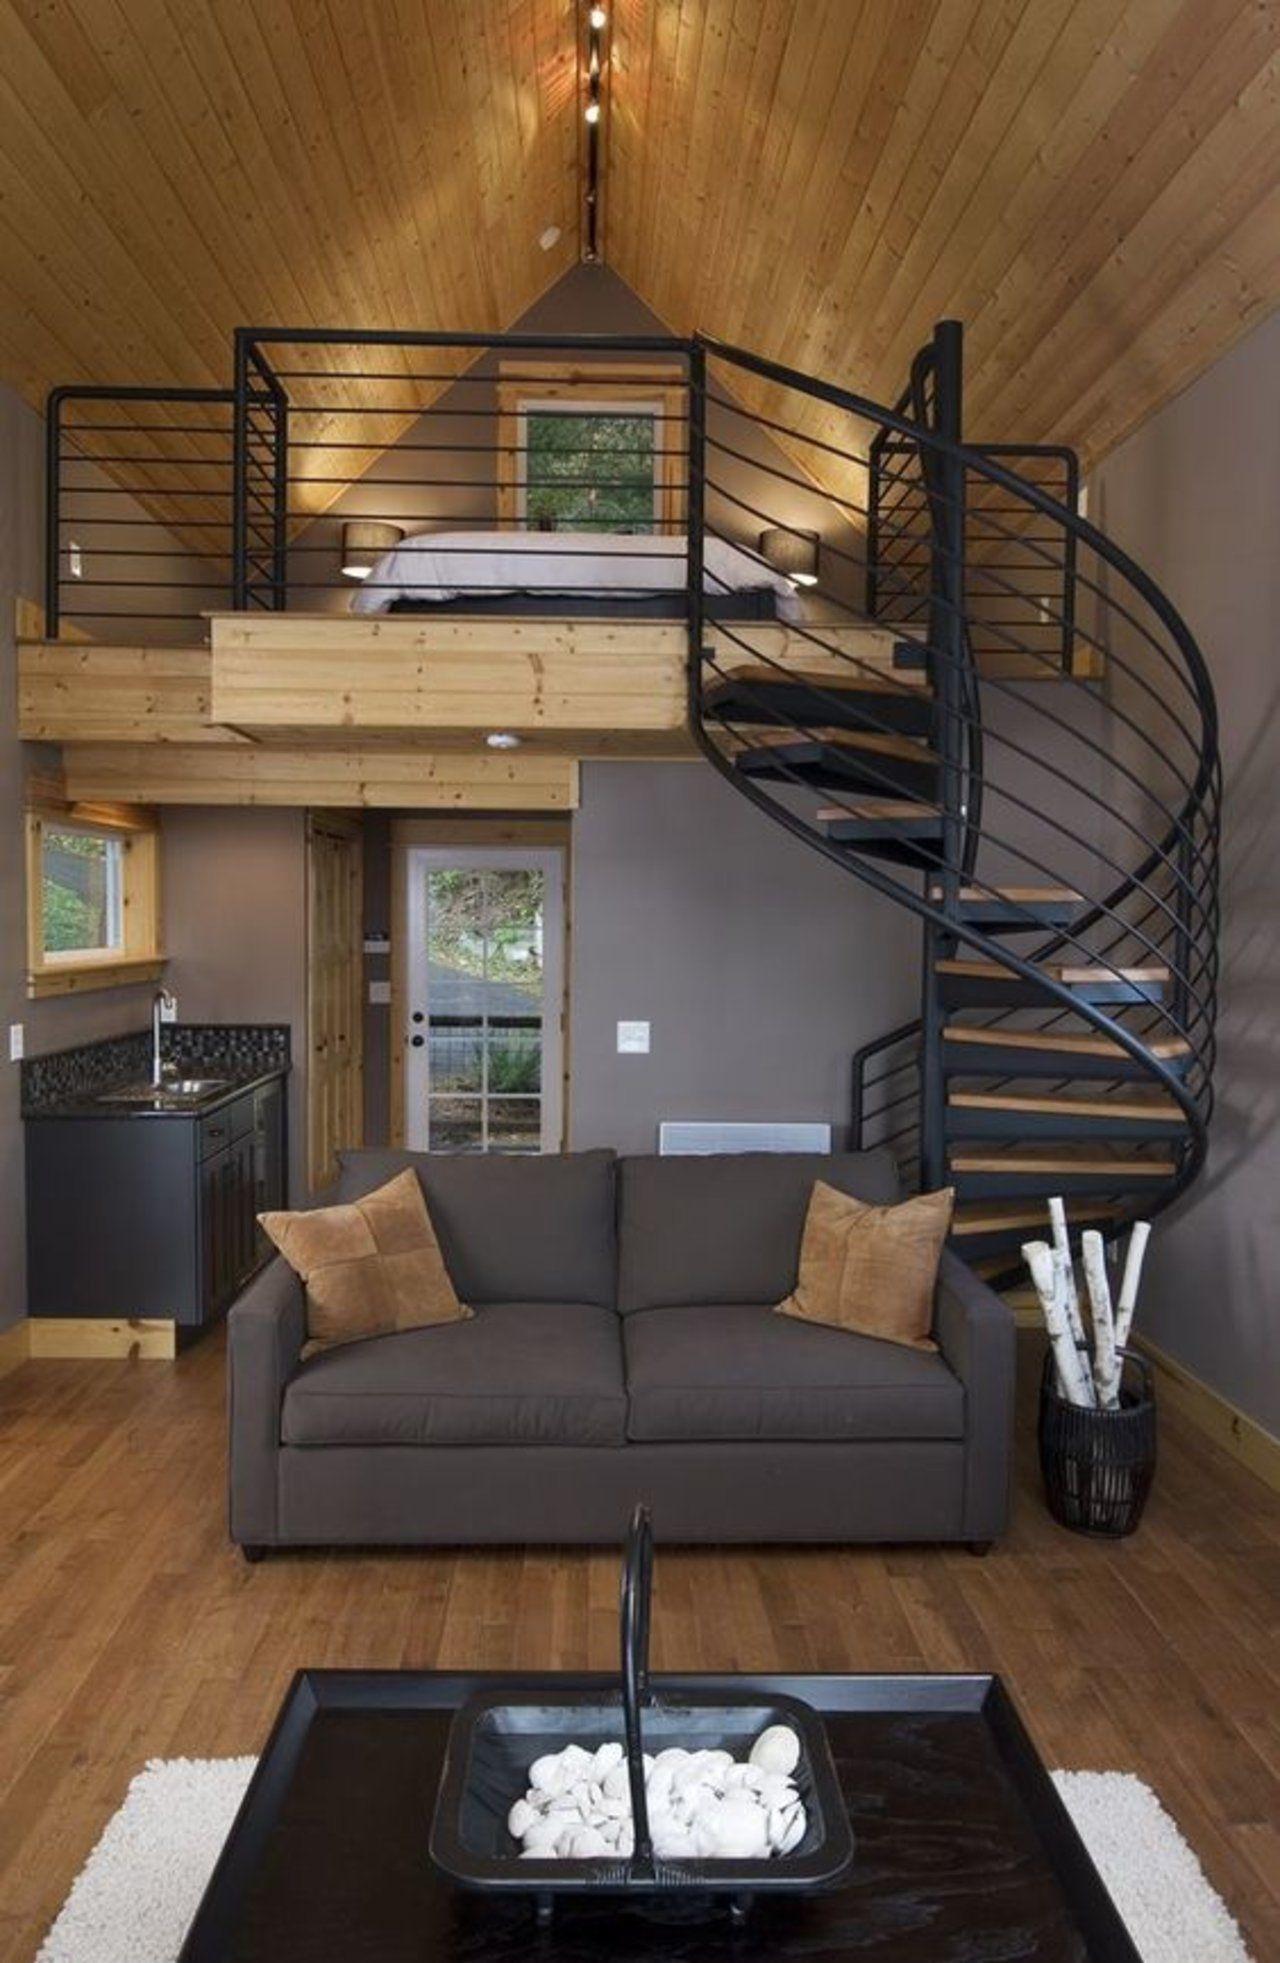 Mẫu 2: Mẫu thiết kế phòng khách nhà ống 5m